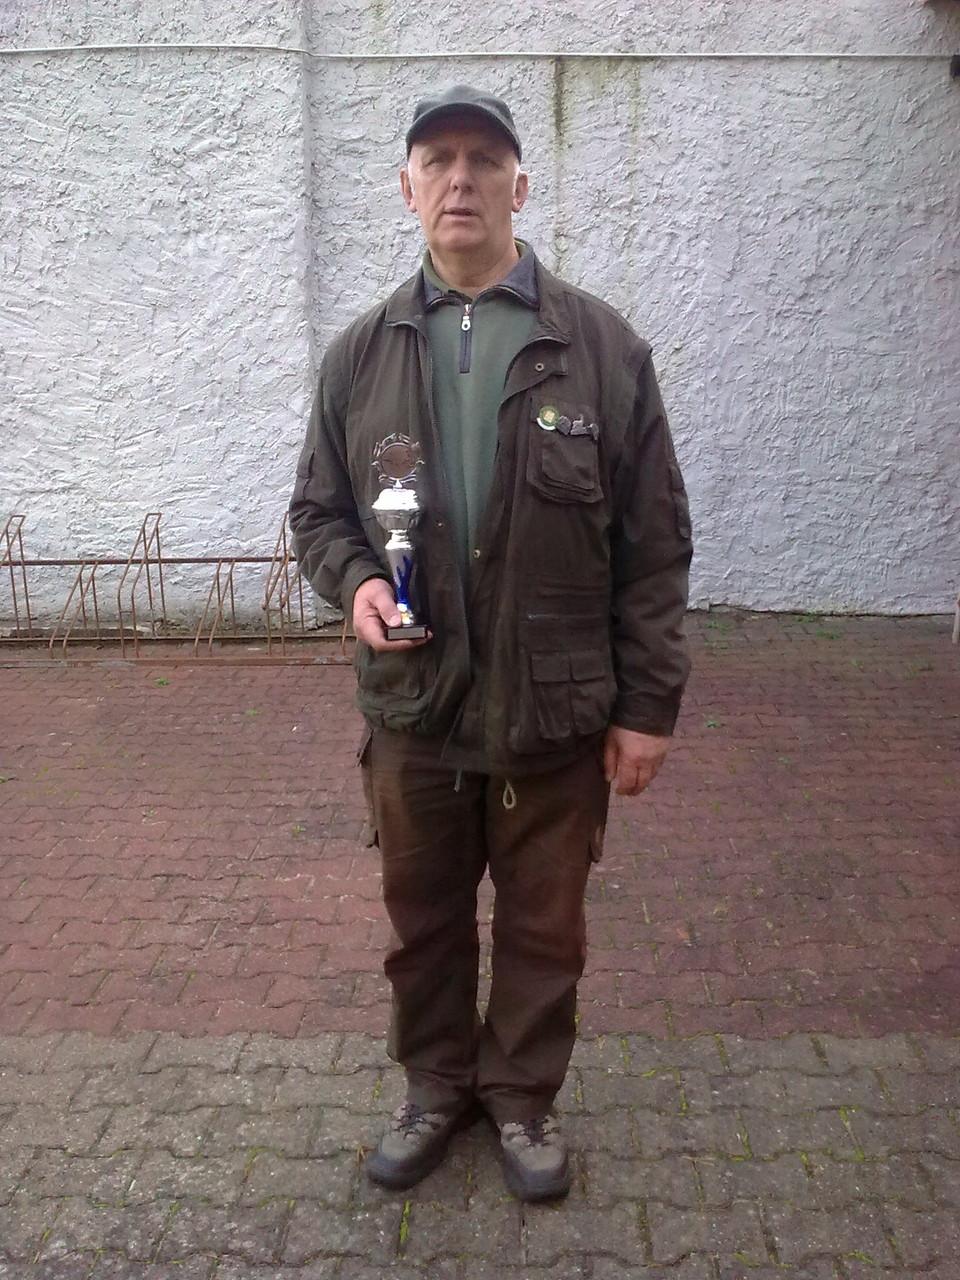 Gunther Greiff 3. Platz in der Seniorenklasse beim 10. Doppeltrapschießen am 04.10.15 in Torgelow